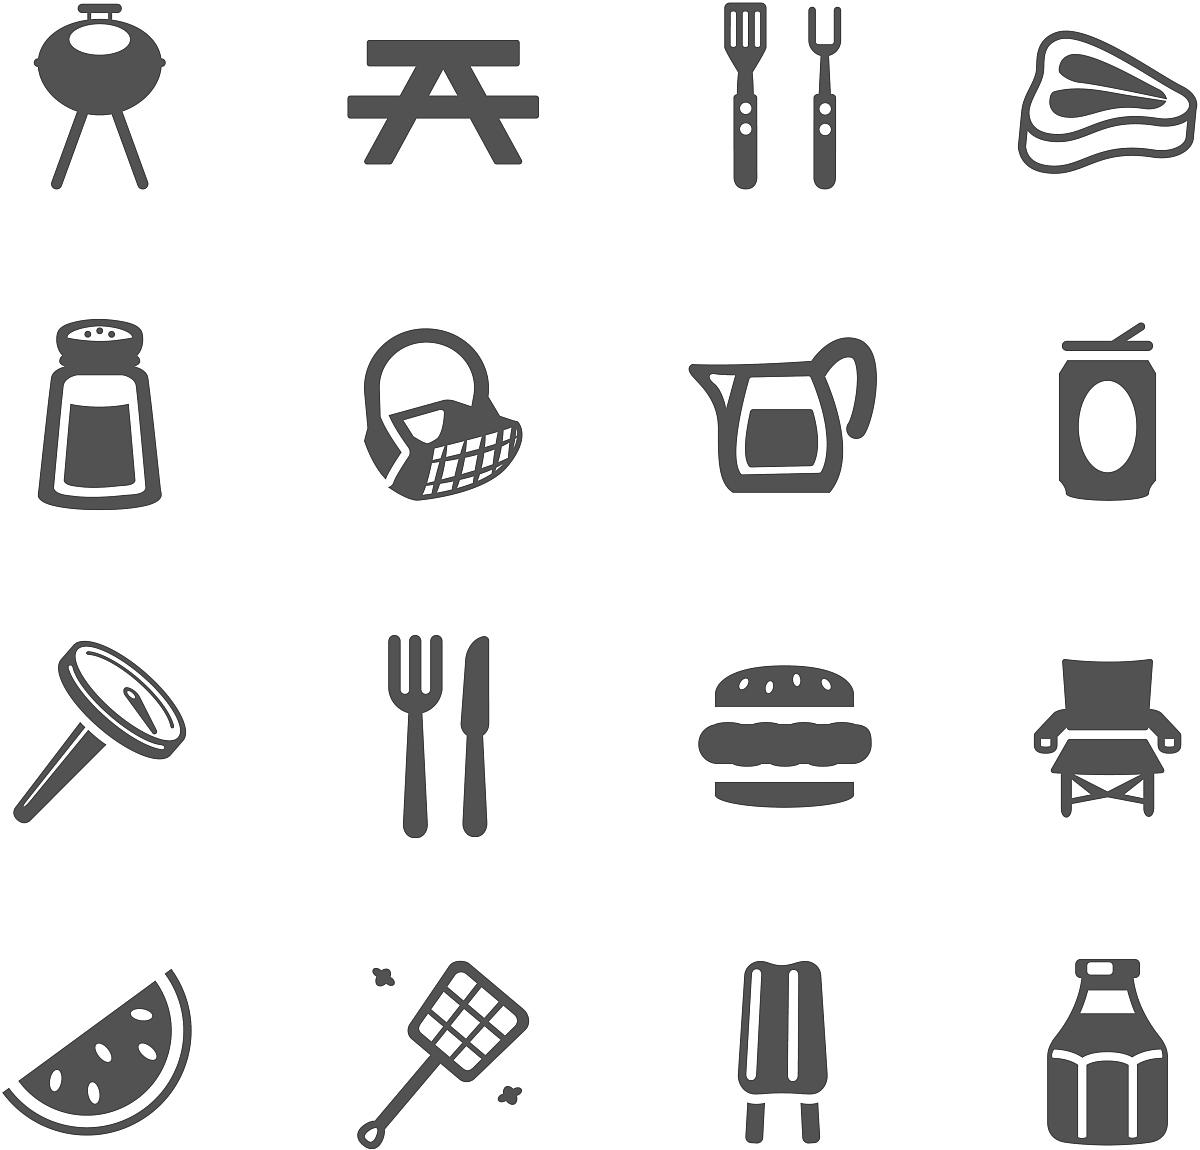 烧烤的符号图片